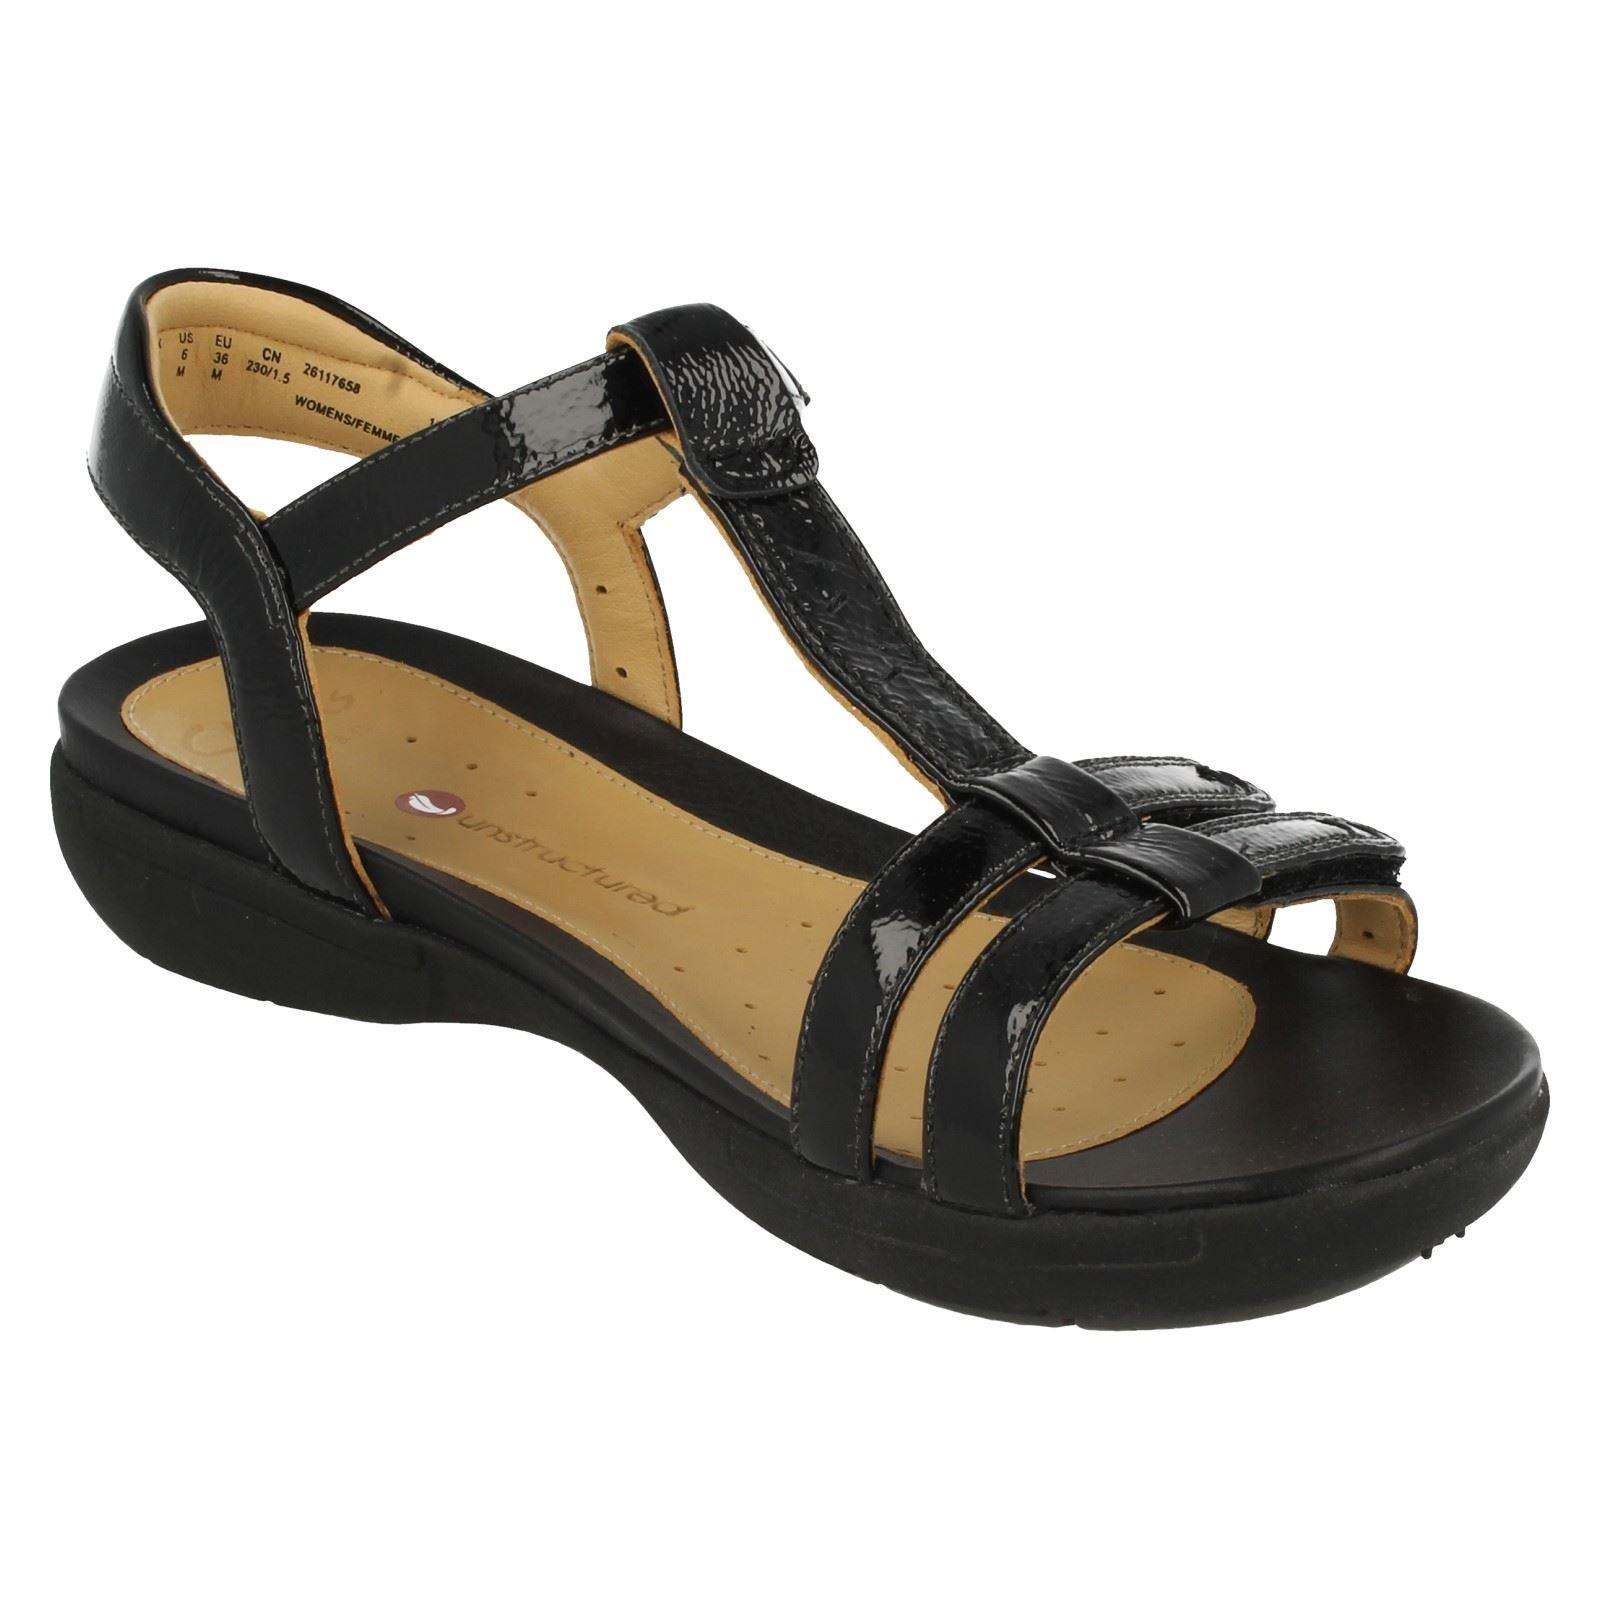 b7e478d30e6c8 Ladies-Clarks-Unstructured-Sandals-039-Un-Vaze-039 thumbnail